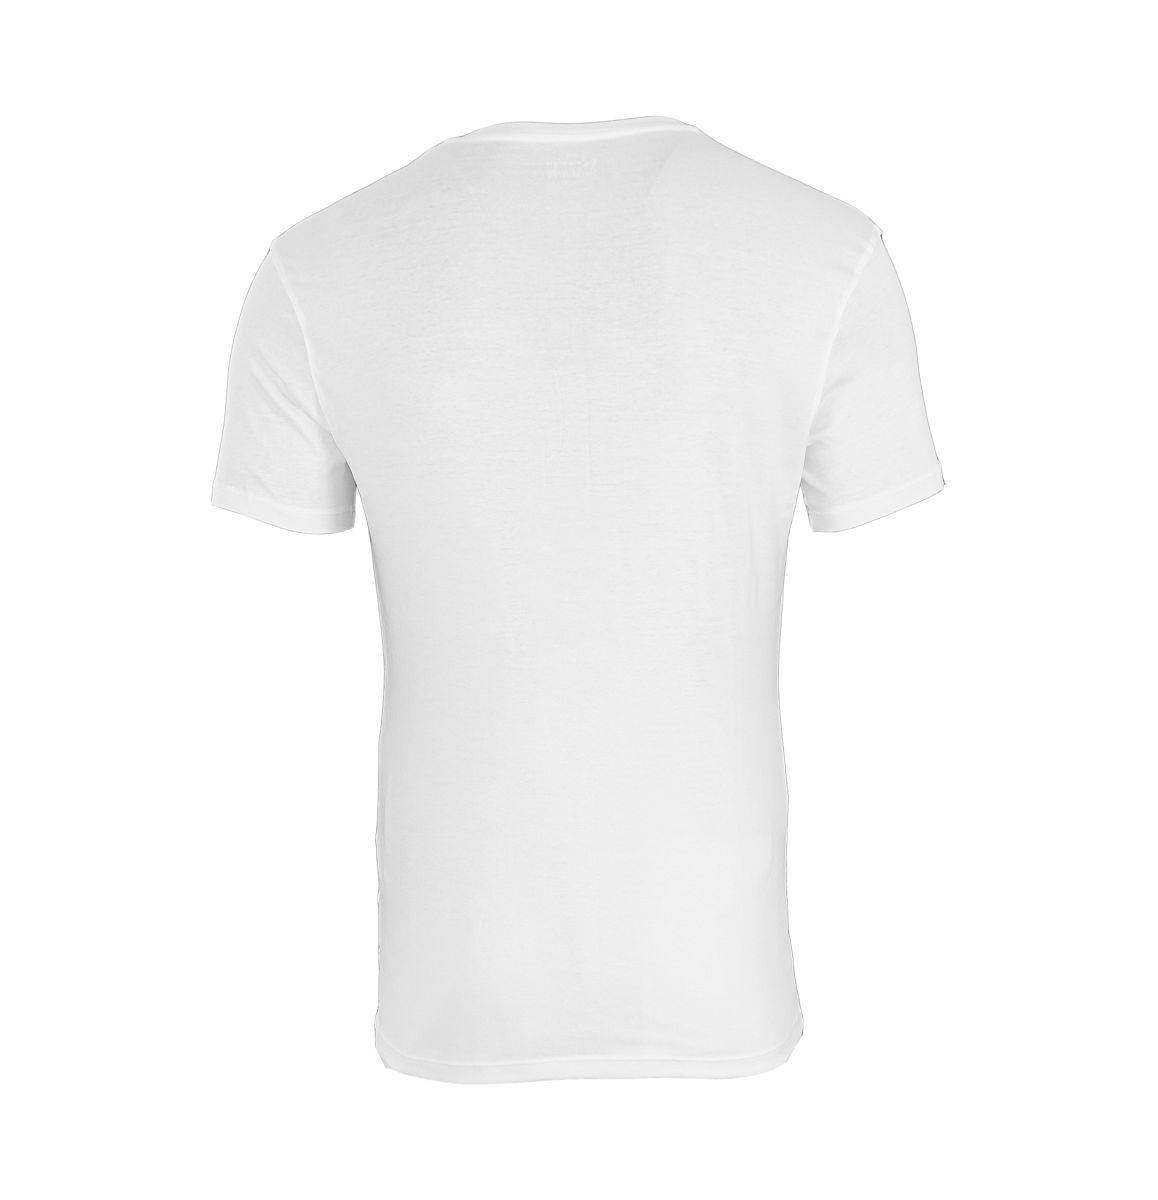 Calvin Klein T-Shirt Tee-Shirts CK16 U8321A V-Ausschnitt weiss